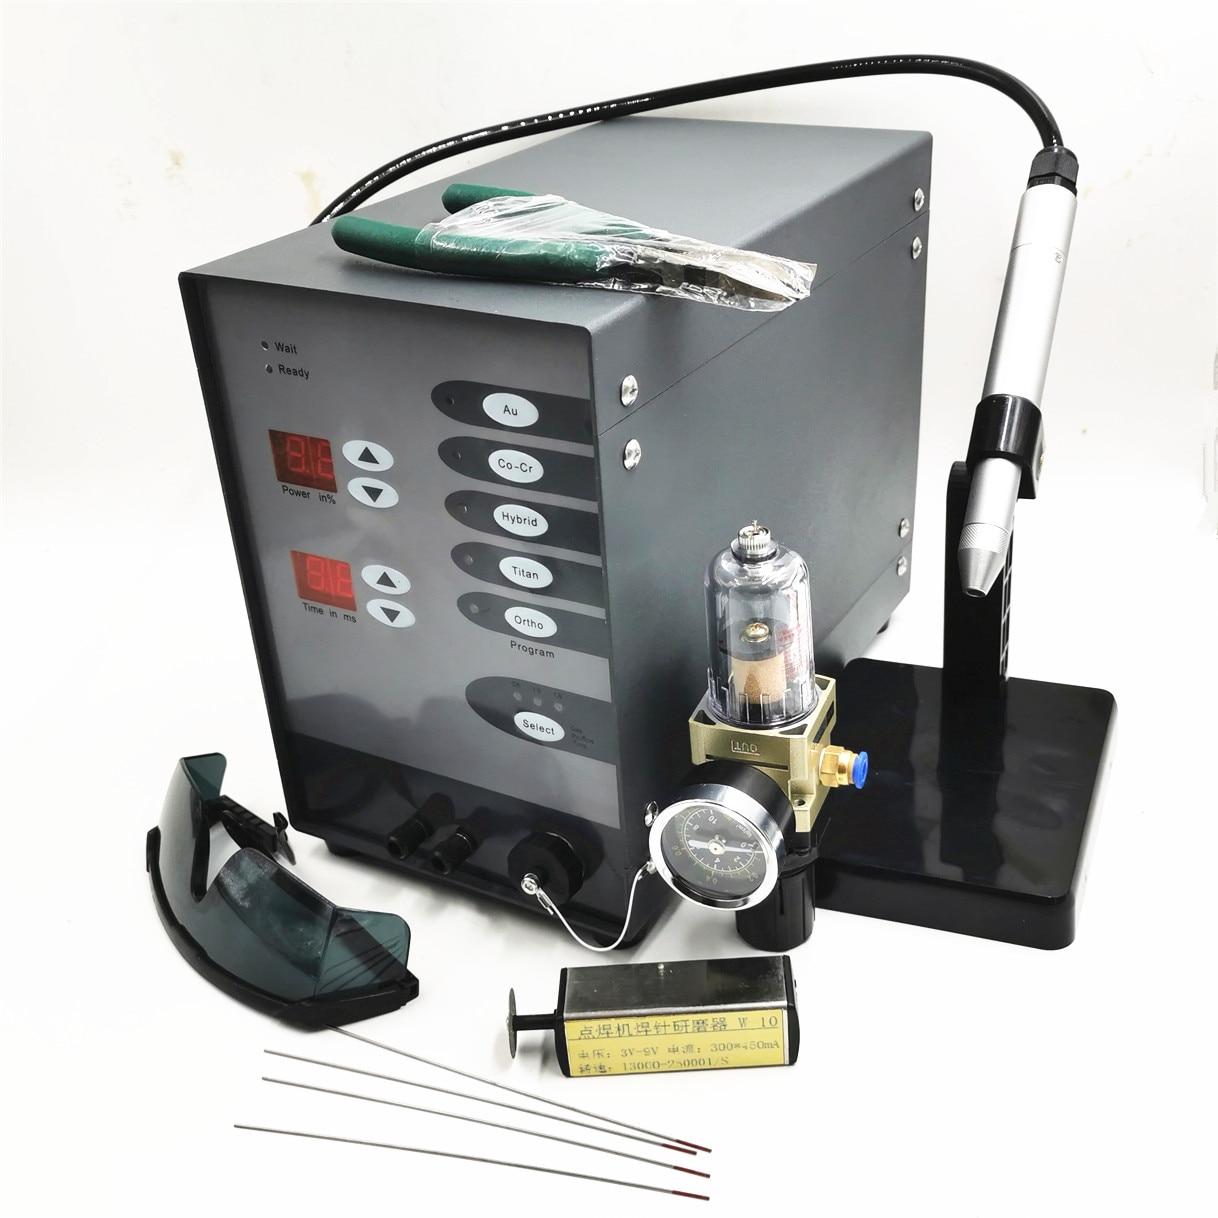 Soudeuse automatique de tache d'arc d'argon d'impulsion de commande numérique de Machine de soudure de Laser de tache d'acier inoxydable pour souder des bijoux